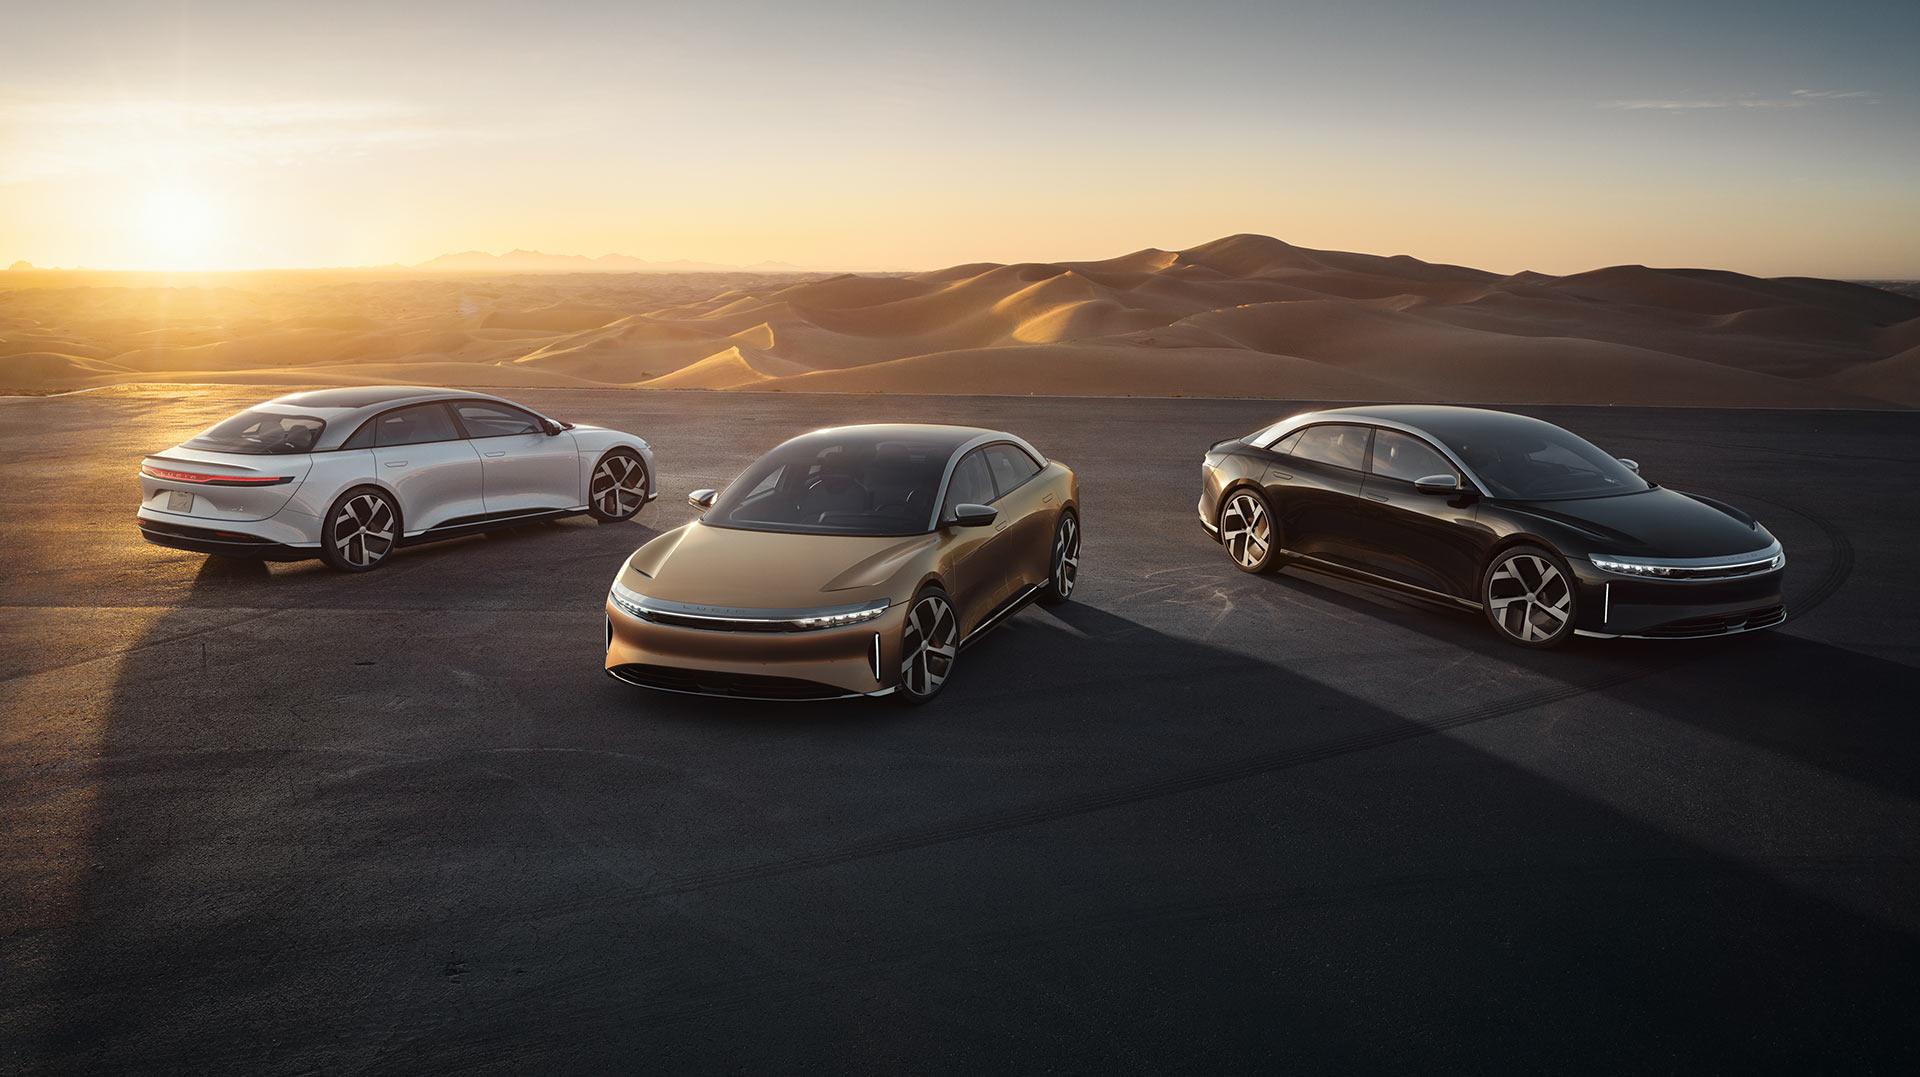 Tesla добива сериозна конкуренција: Lucid Air EV / ФОТО+ВИДЕО